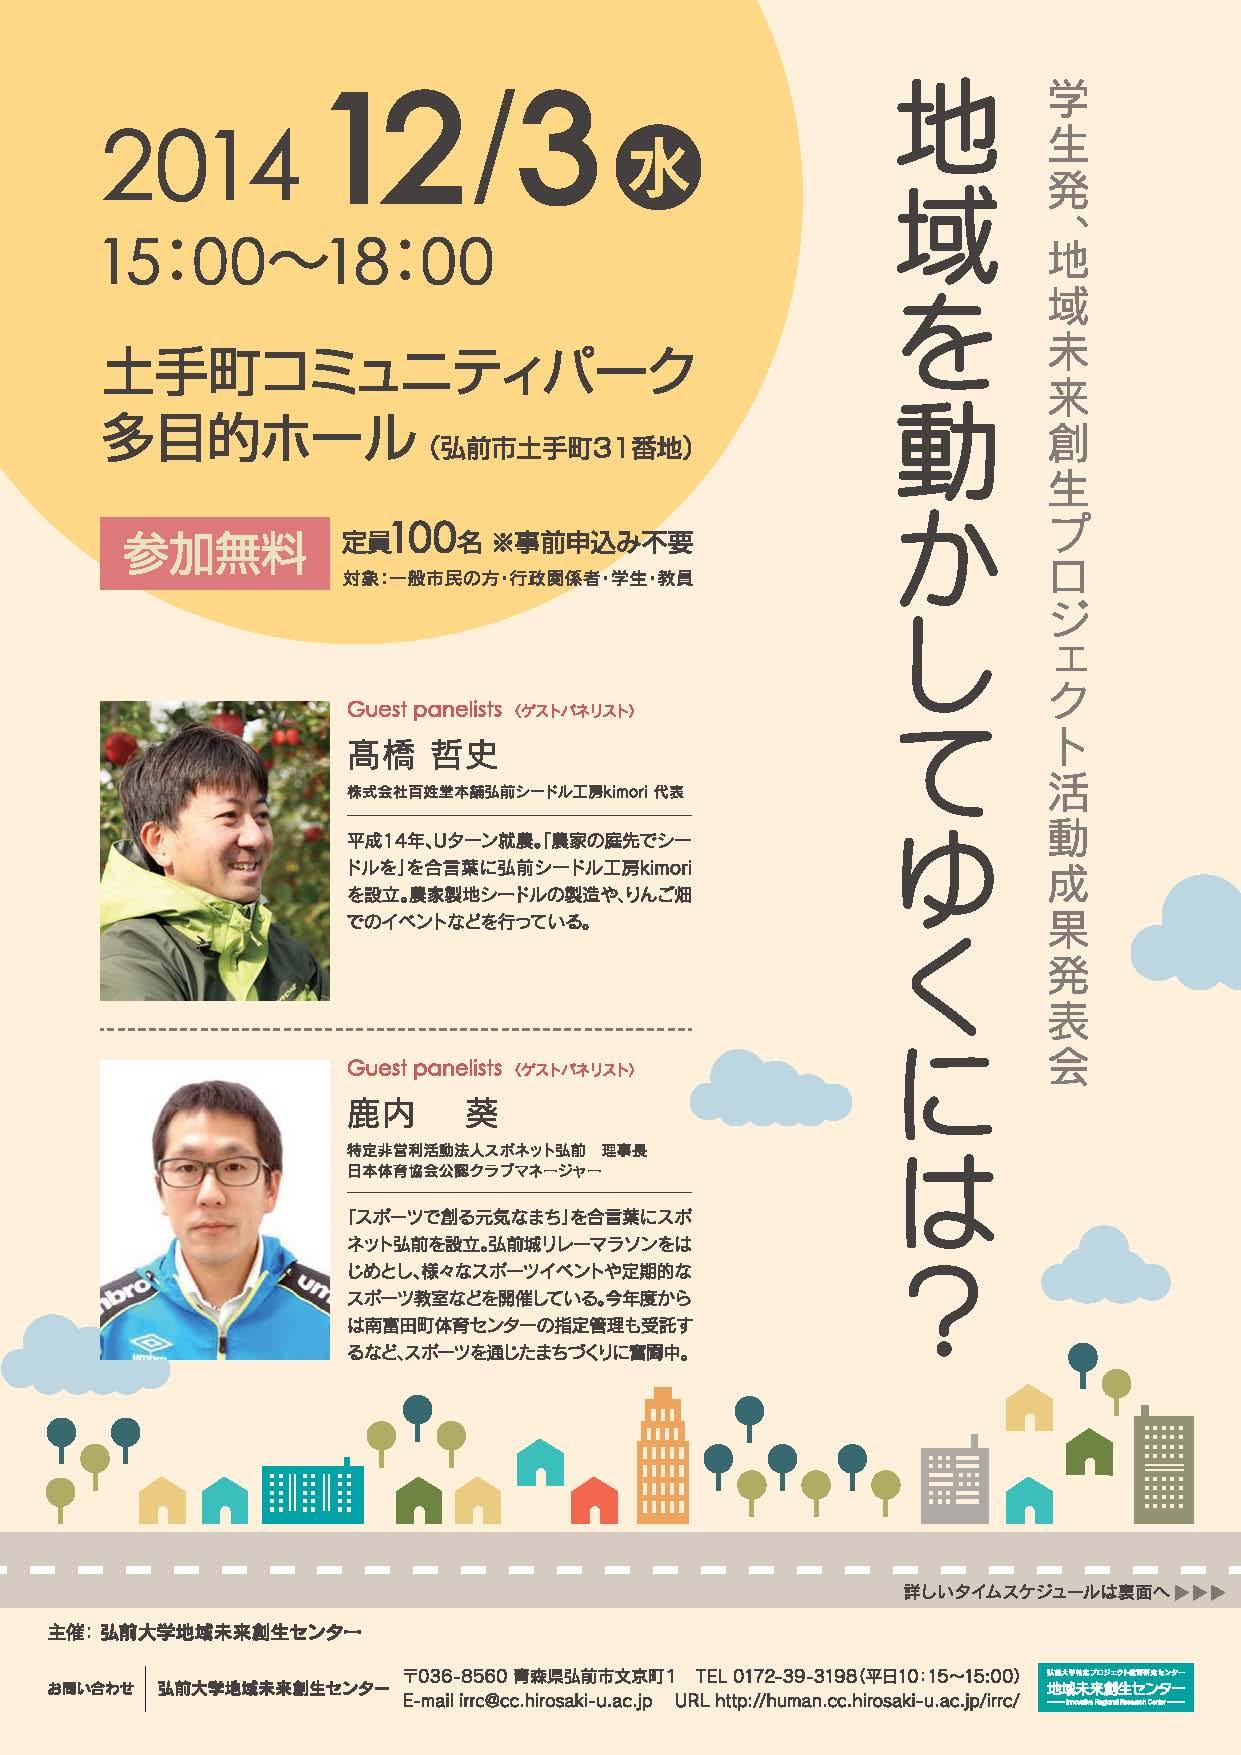 20141203学カ発@報会_ページ_1